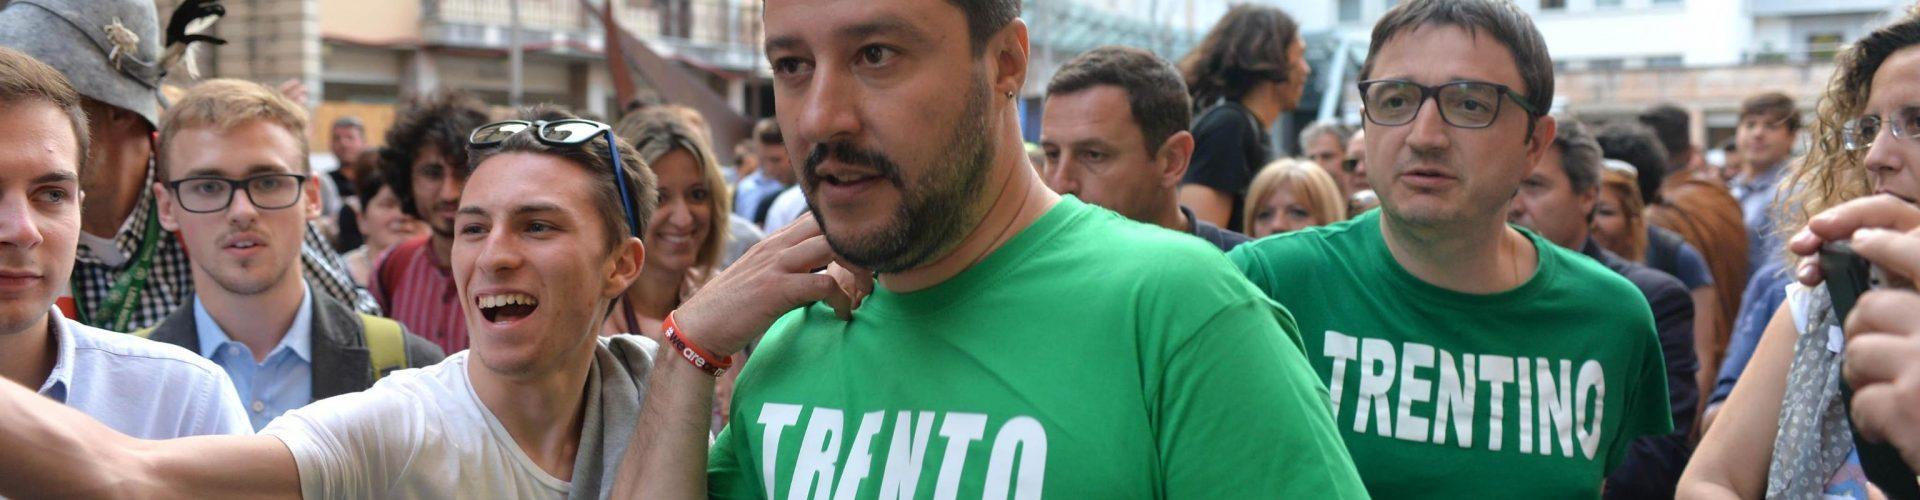 Vi racconto come in Trentino la Lega di Salvini sta ereditando l'elettorato ex Dc